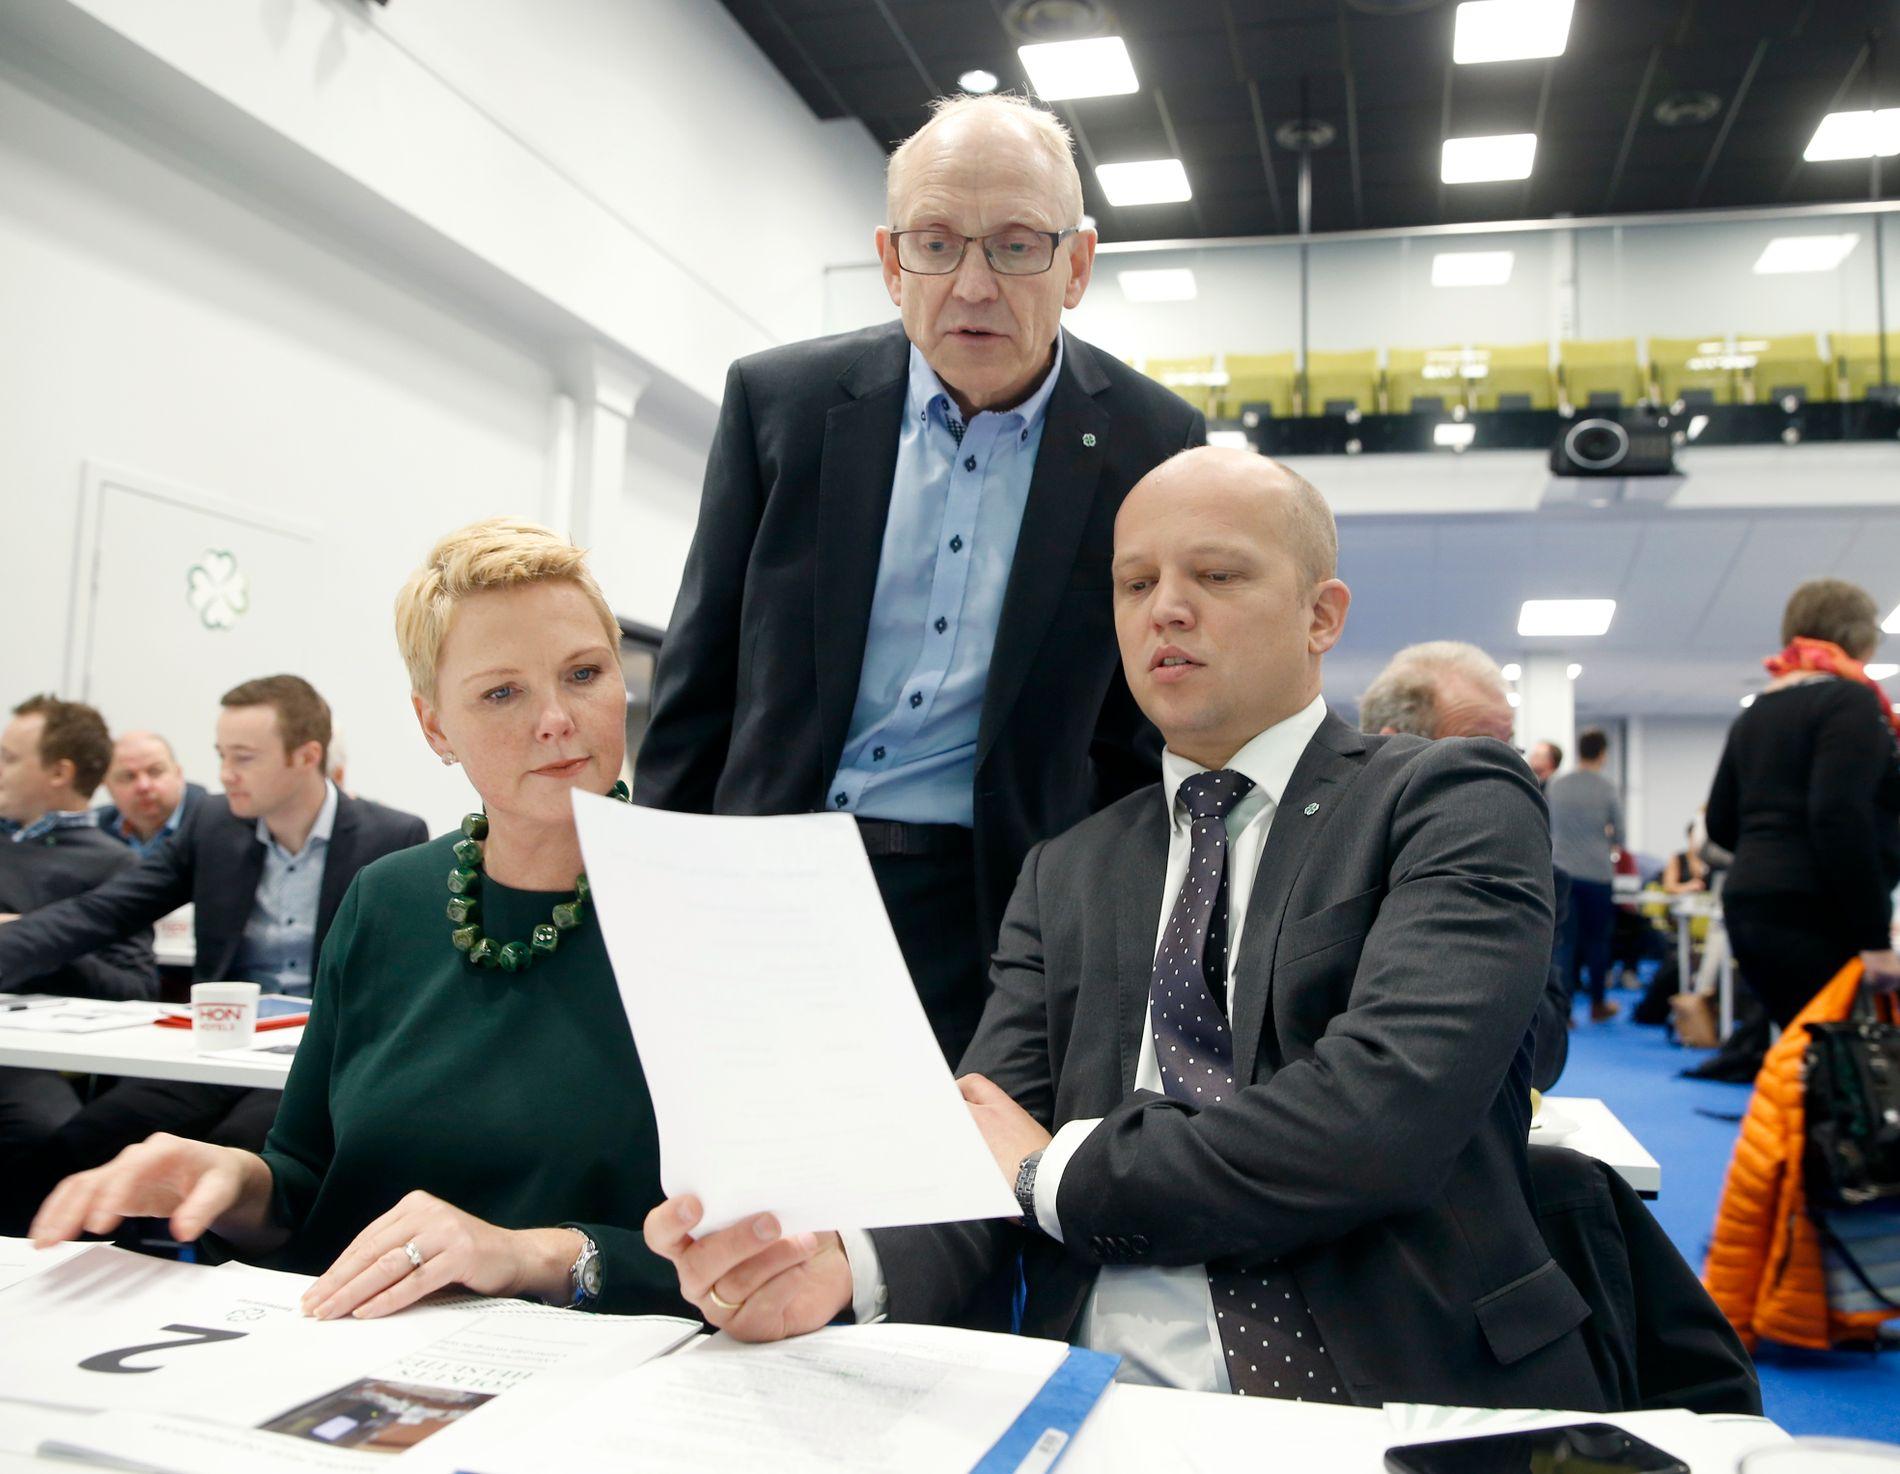 HET SAK: Generalsekretær Knut M. Olsen (i midten) har overtatt ansvaret for sex-meldingssaken fra Sp-leder Trygve Slagsvold Vedum. Her sammen med Anne Beathe Tvinnereim, 2. nestleder i Sp.